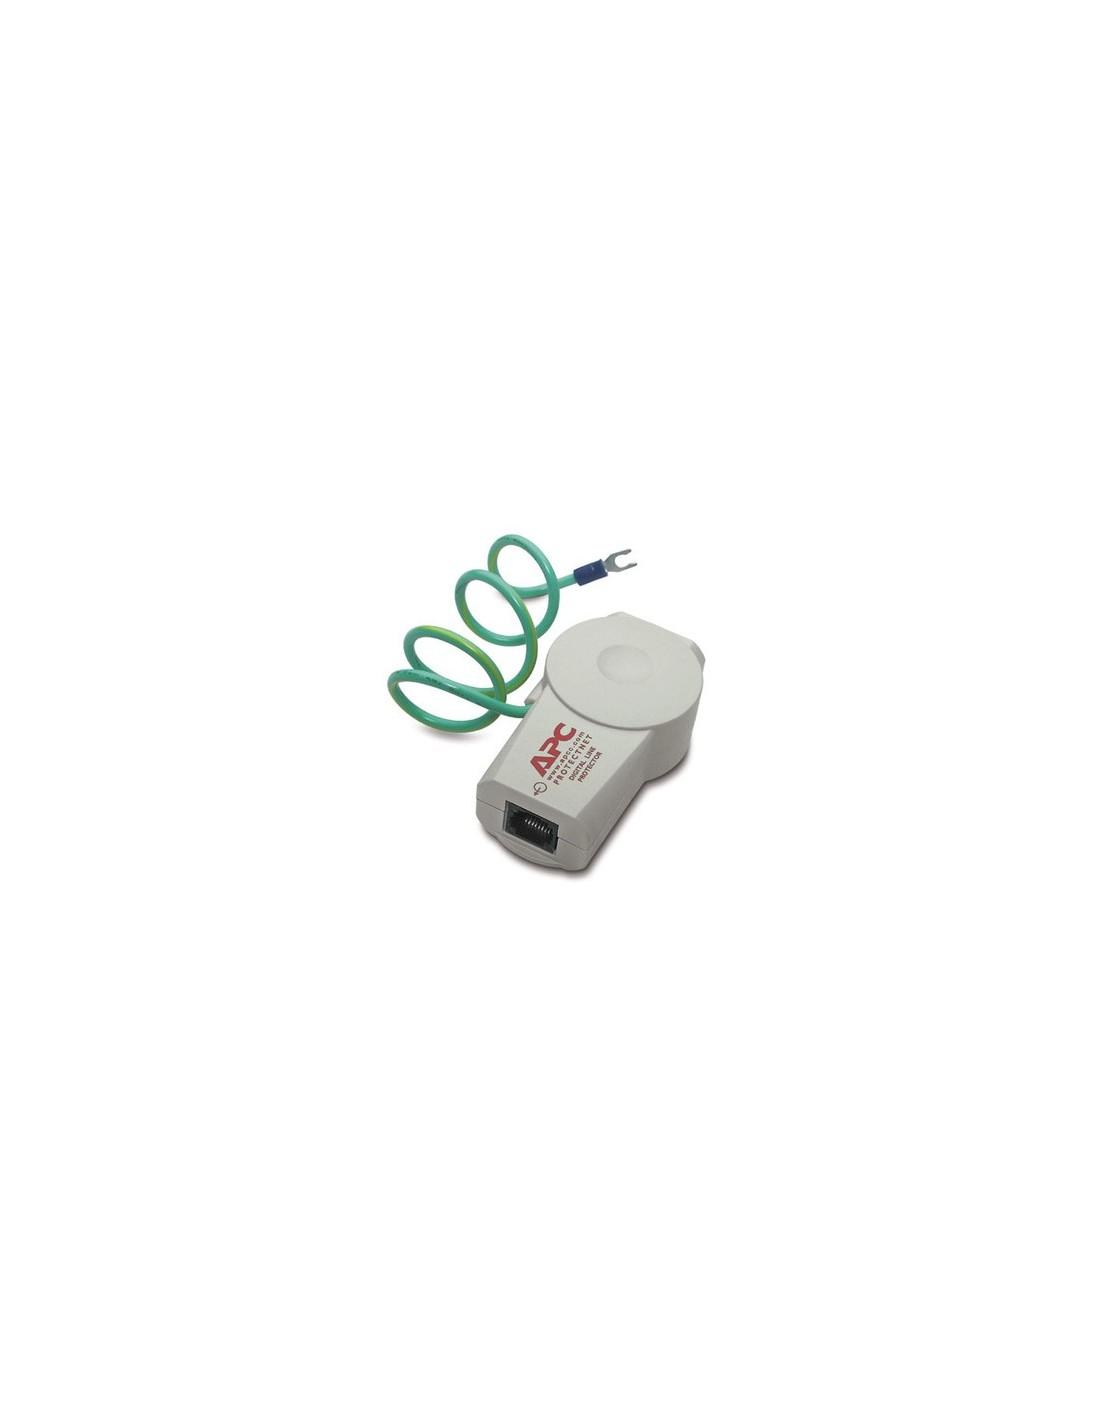 apc pnet1gb protectnet rj45 10 100 1000 filtr przeciwnapi cowy RJ45 Port opinie